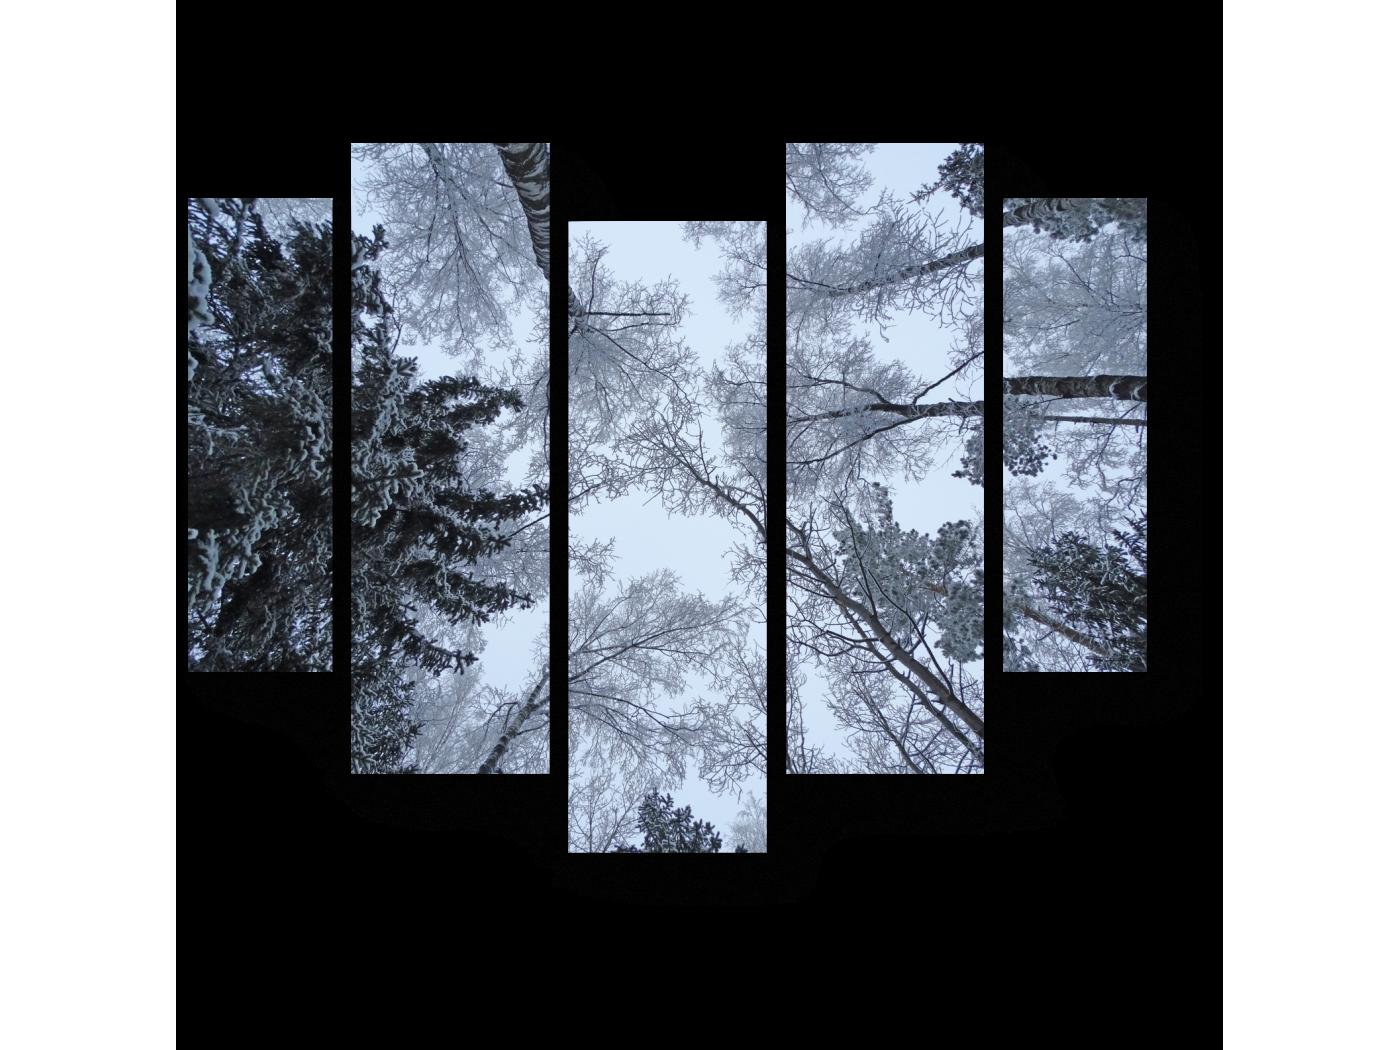 Модульная картина Ветви сплелись (101x82) фото